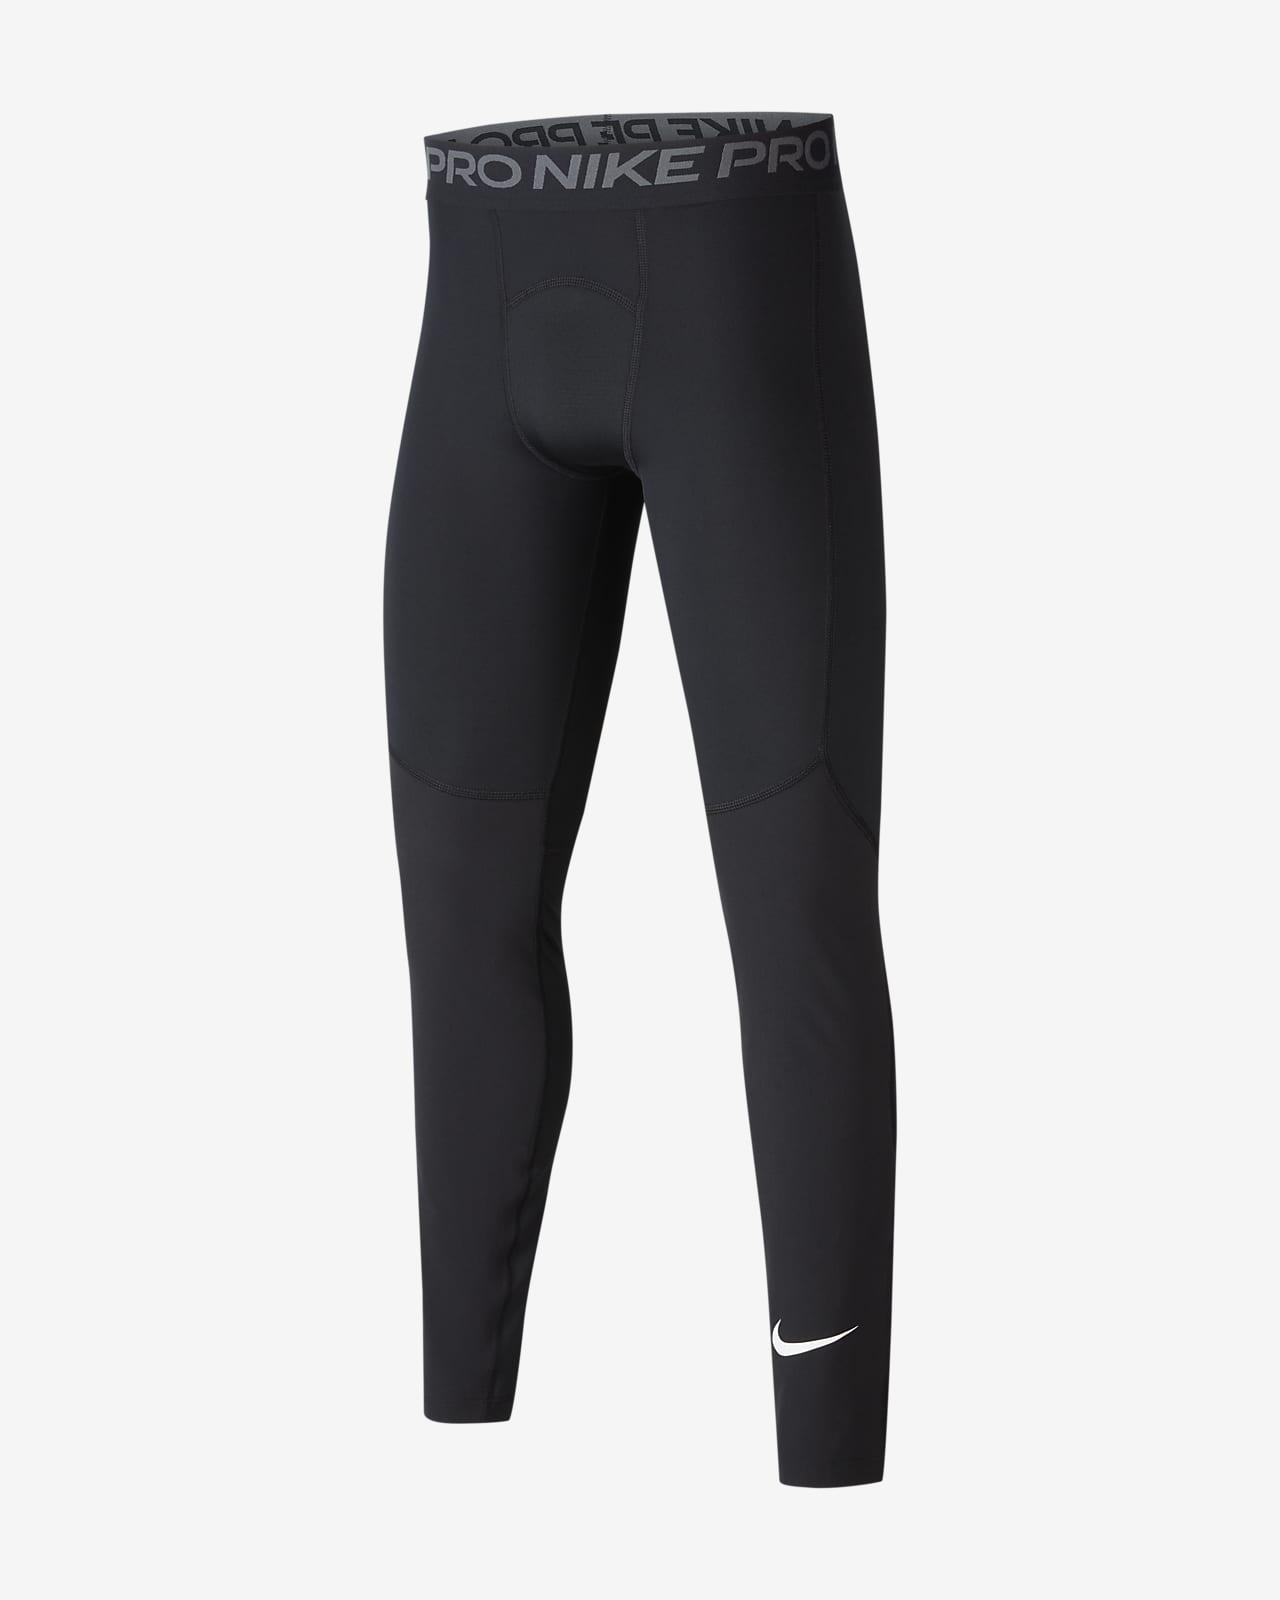 Κολάν Nike Pro για μεγάλα αγόρια